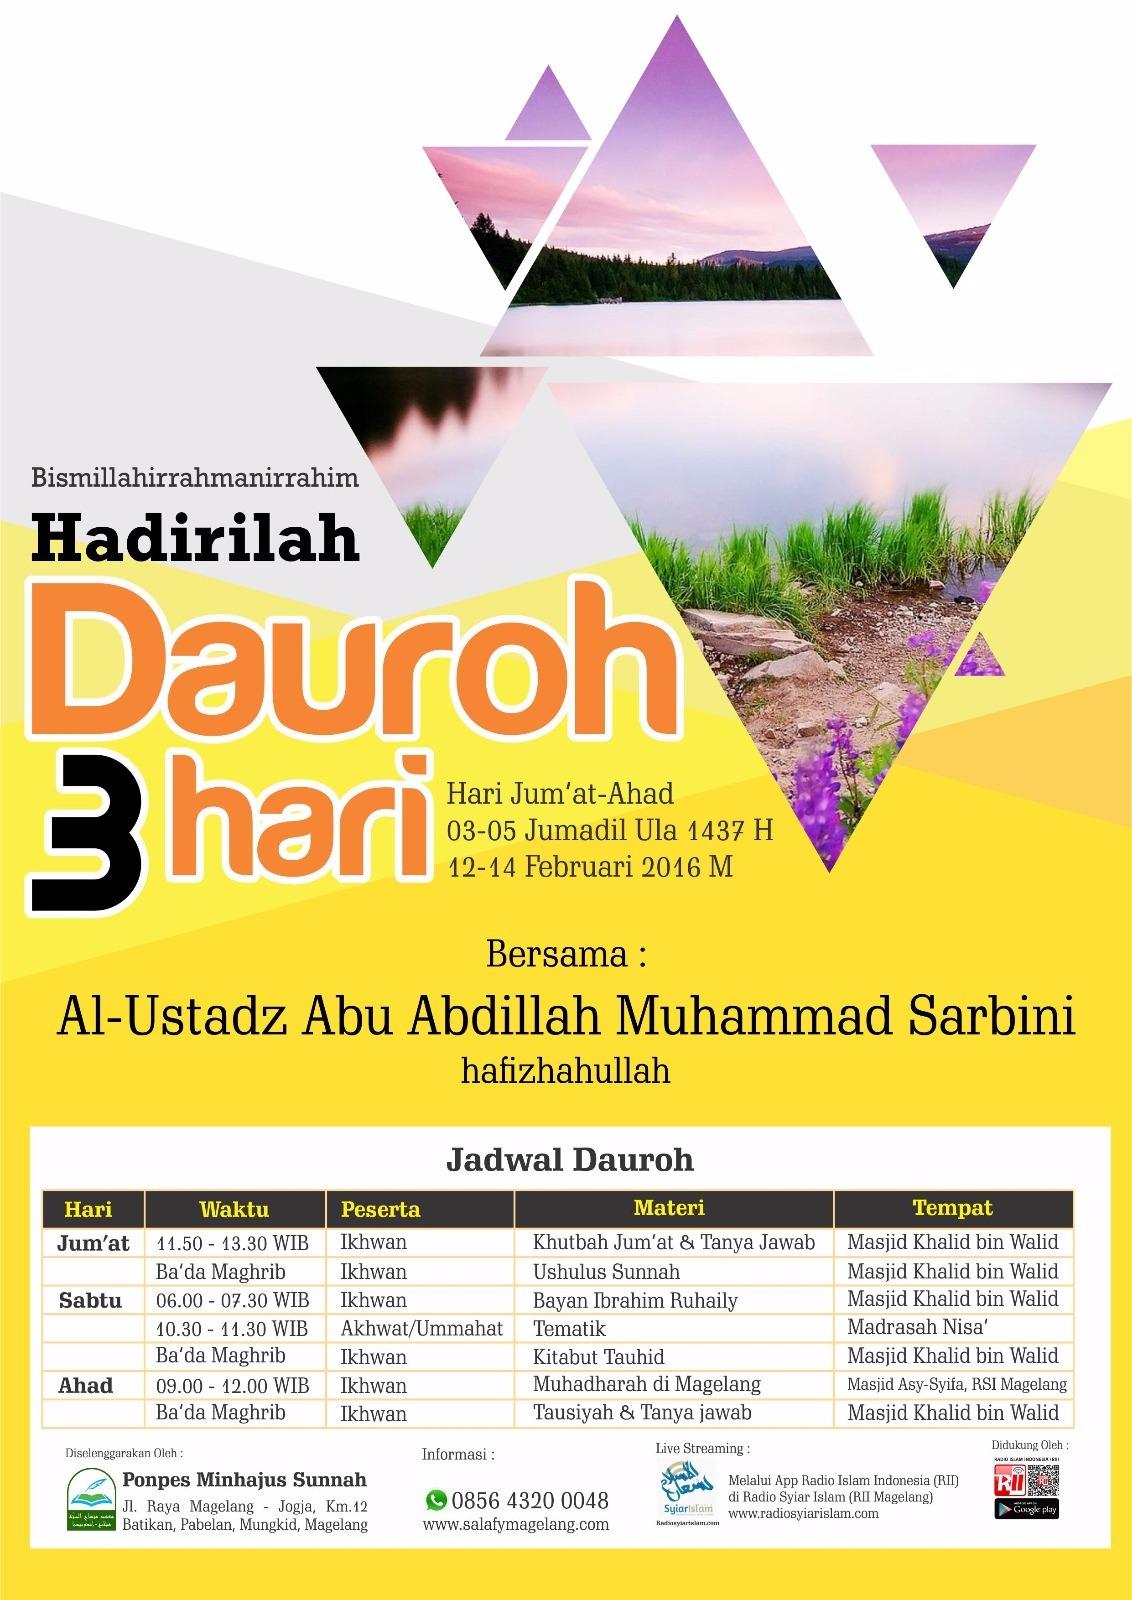 Pamflet Hadirilah Muhadhoroh 3 hari di magelang 12-15/02/2016